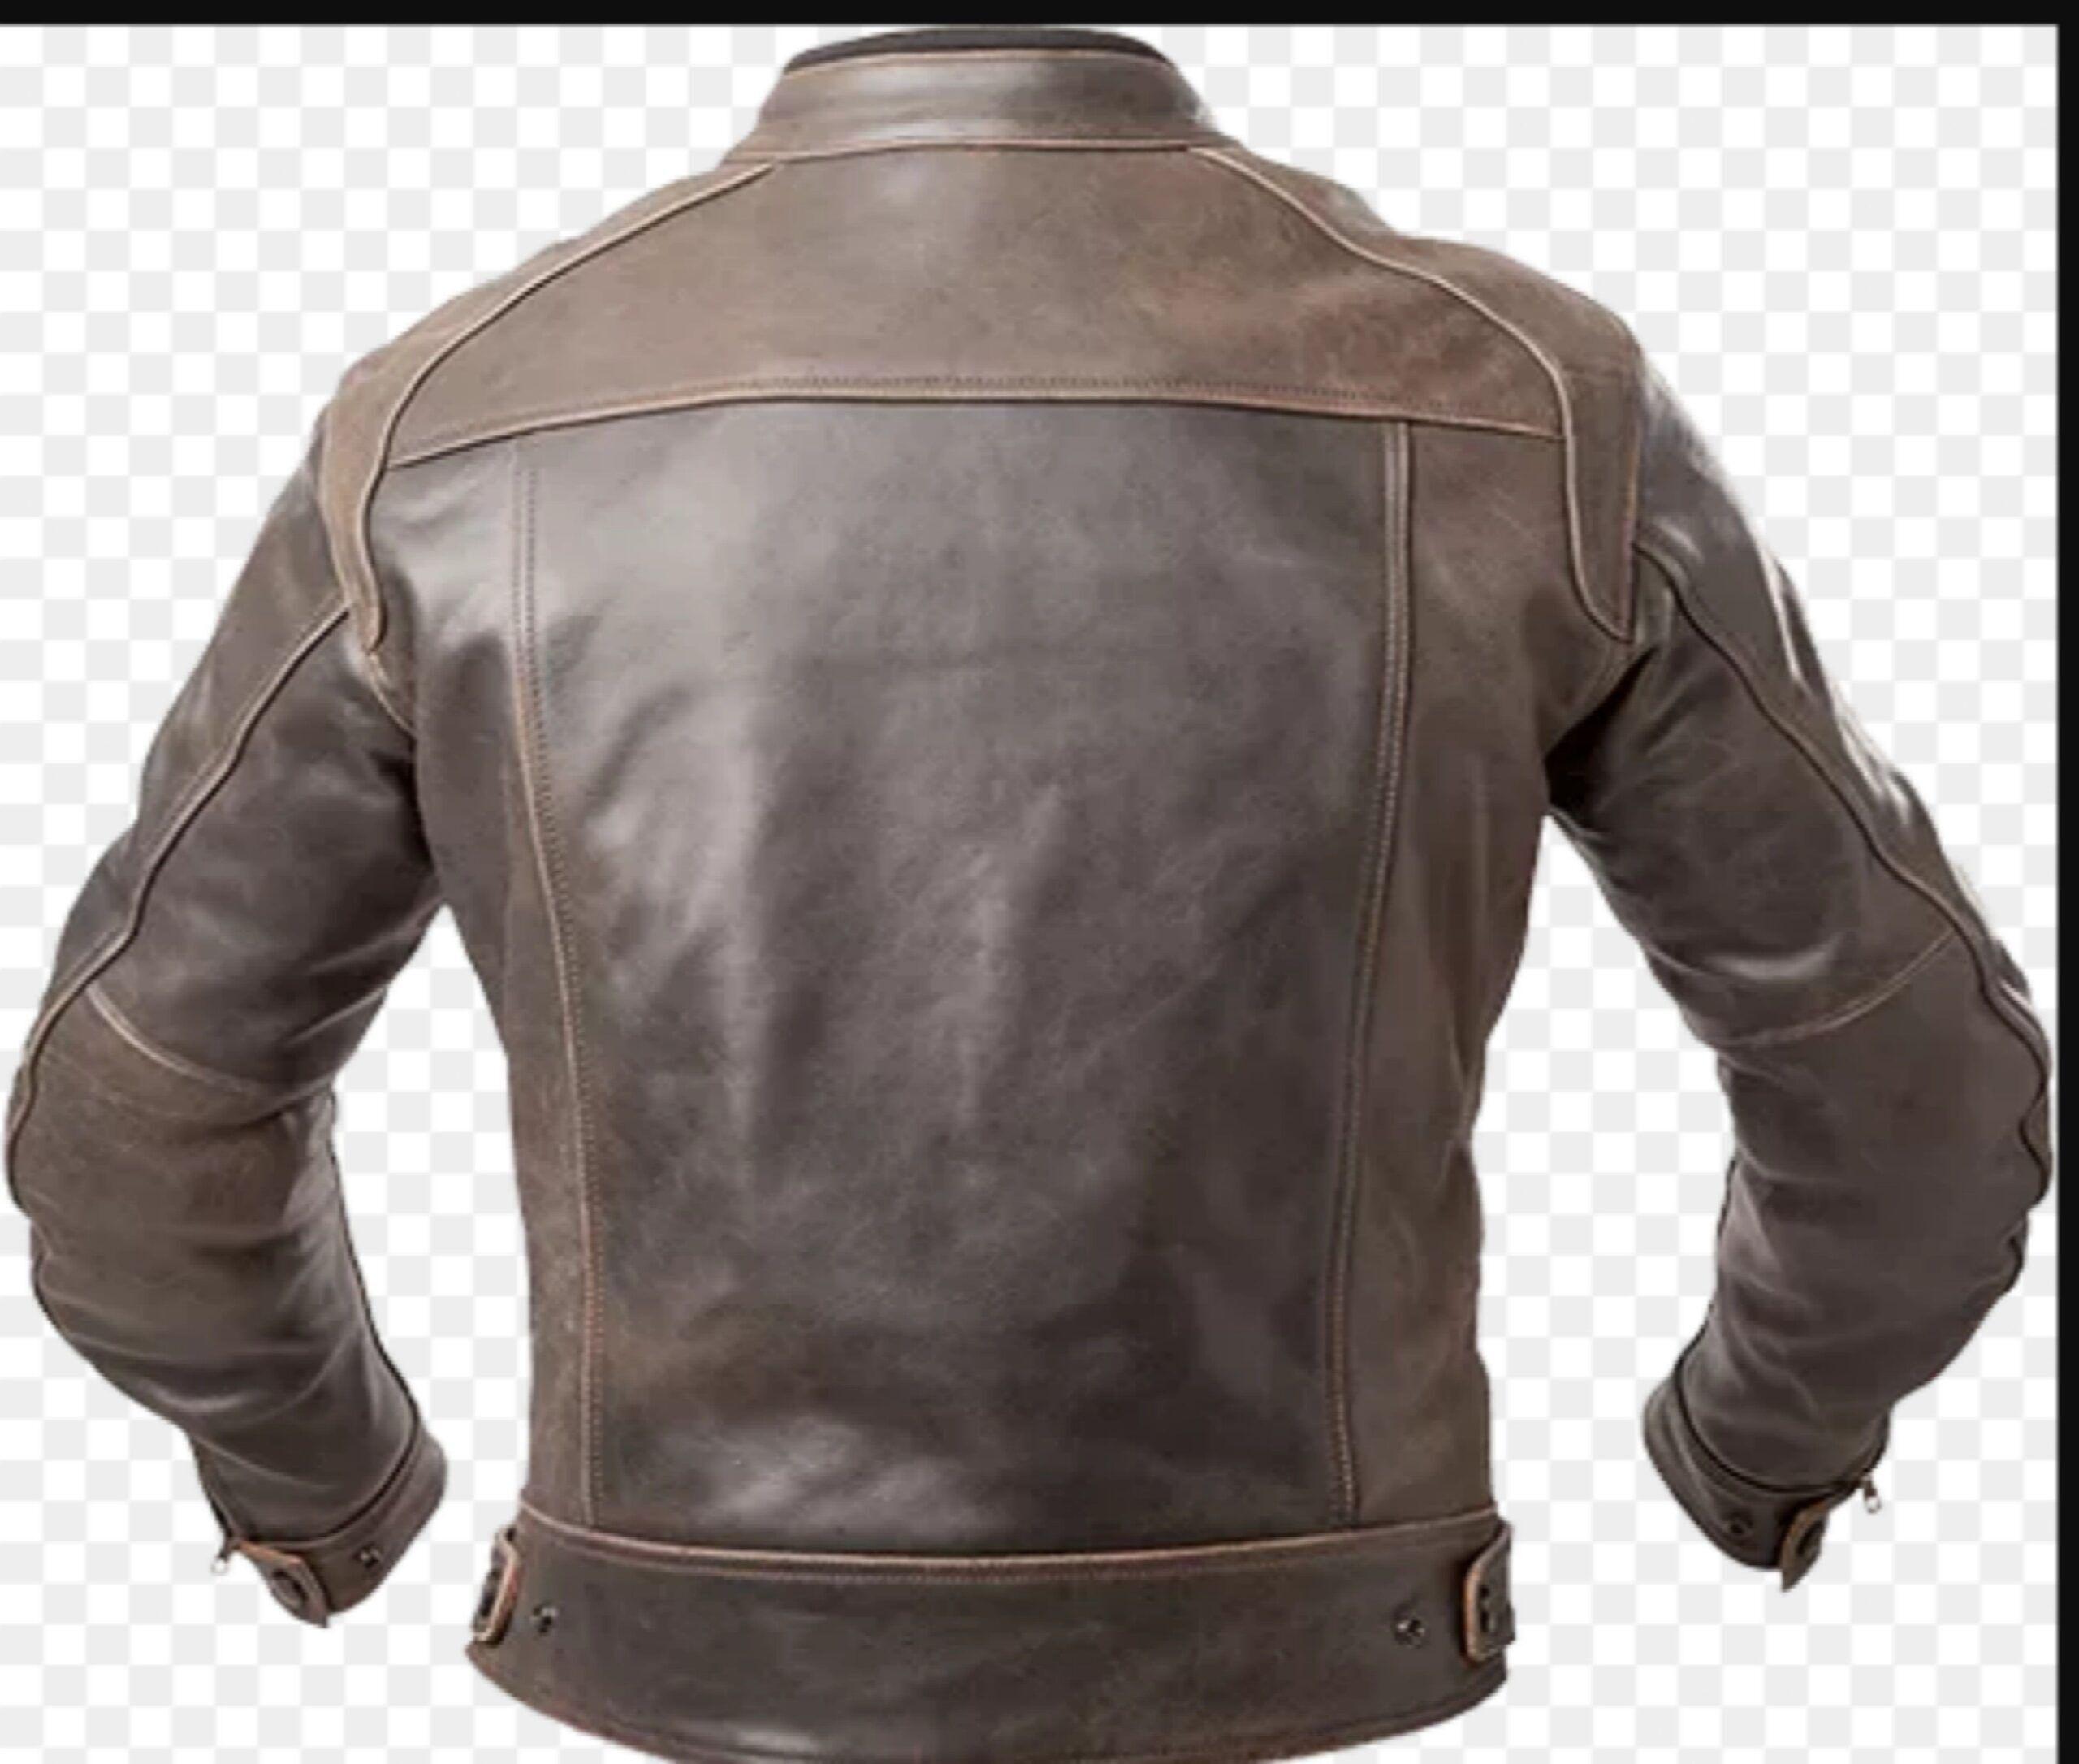 1jaqueta-de-couro-antes-de-aumentar-ellegancy-costuras-www-elcosturas-com_-br-jaquetadecouro-motociclista-velocidade-moto-ellegancycosturas-2583417